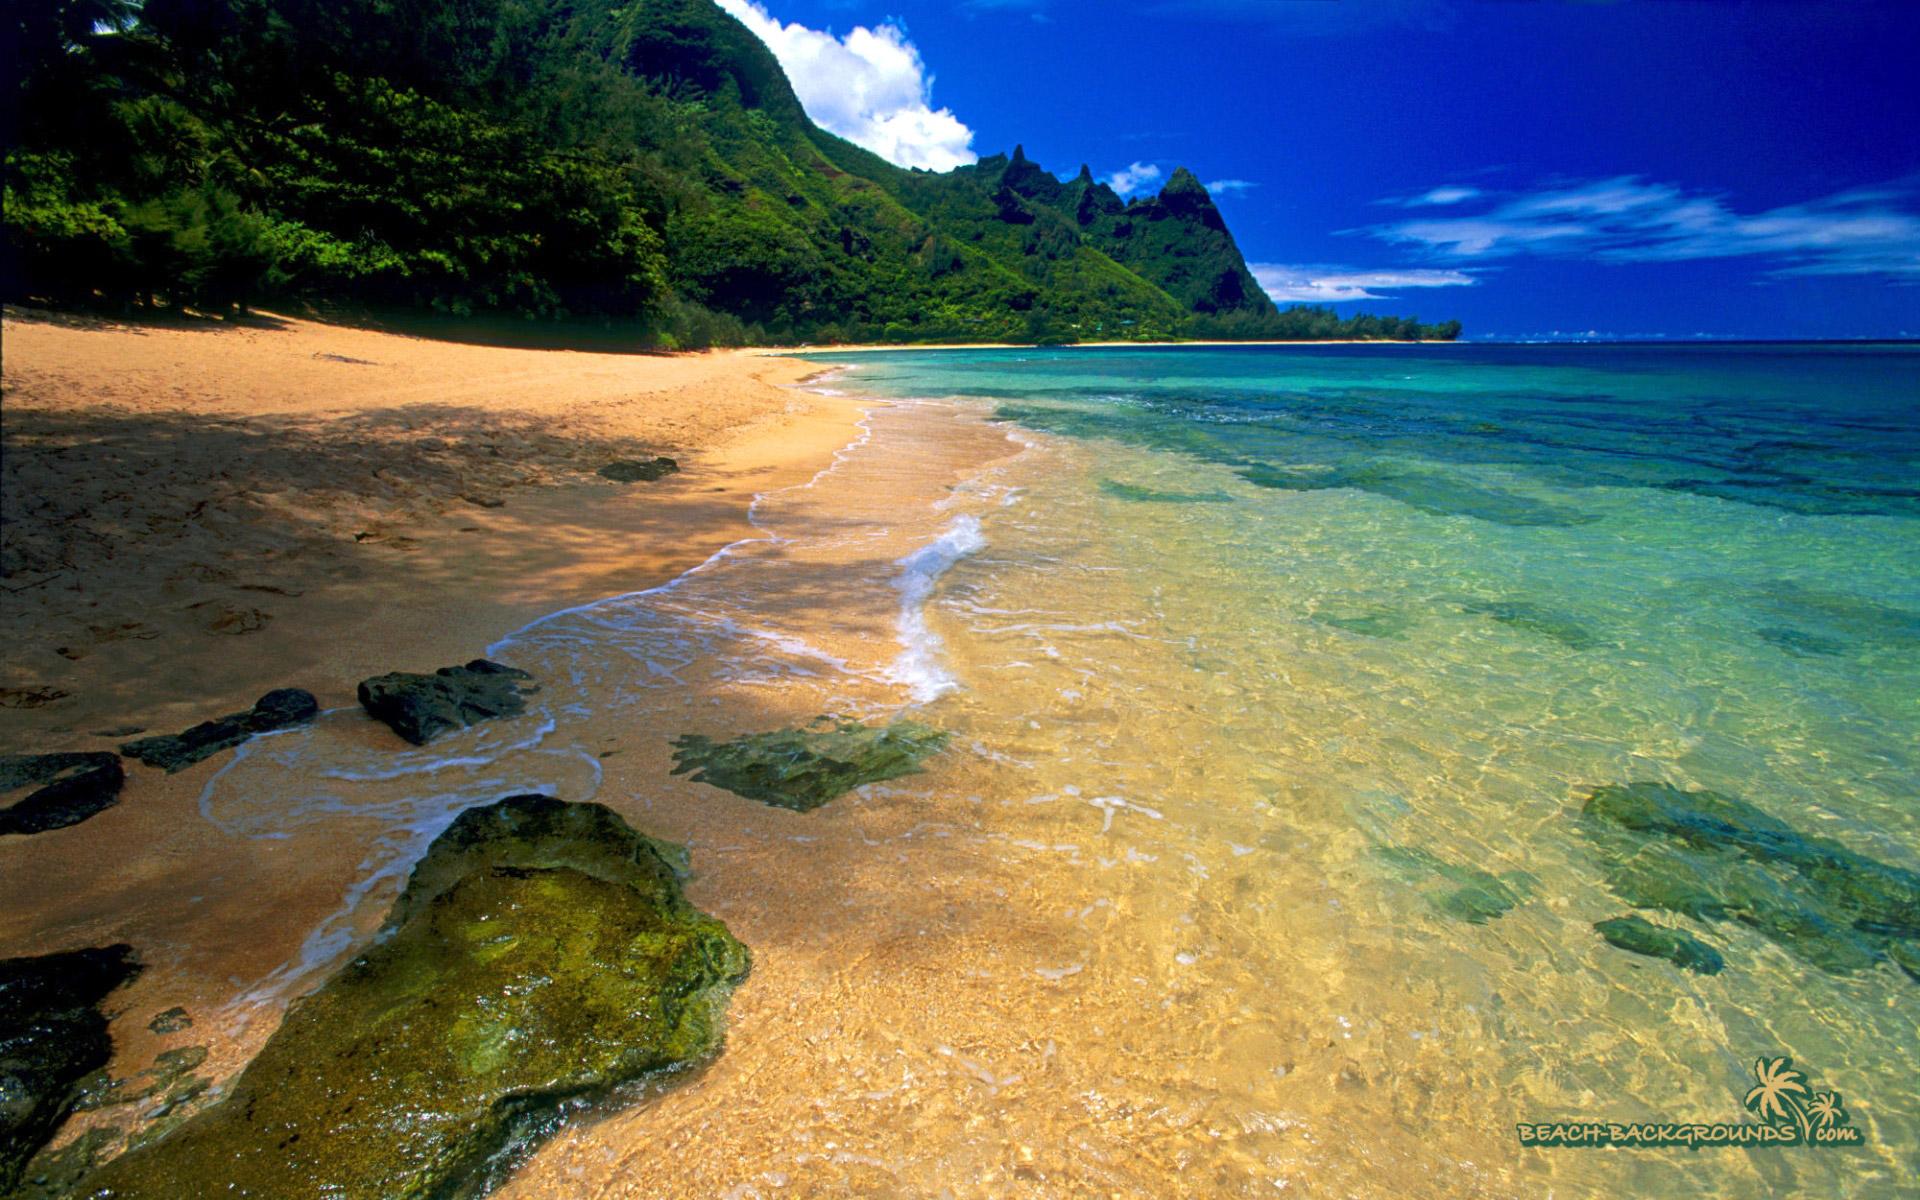 Beautiful Ocean Wallpaper HD Freetopwallpapercom 1920x1200